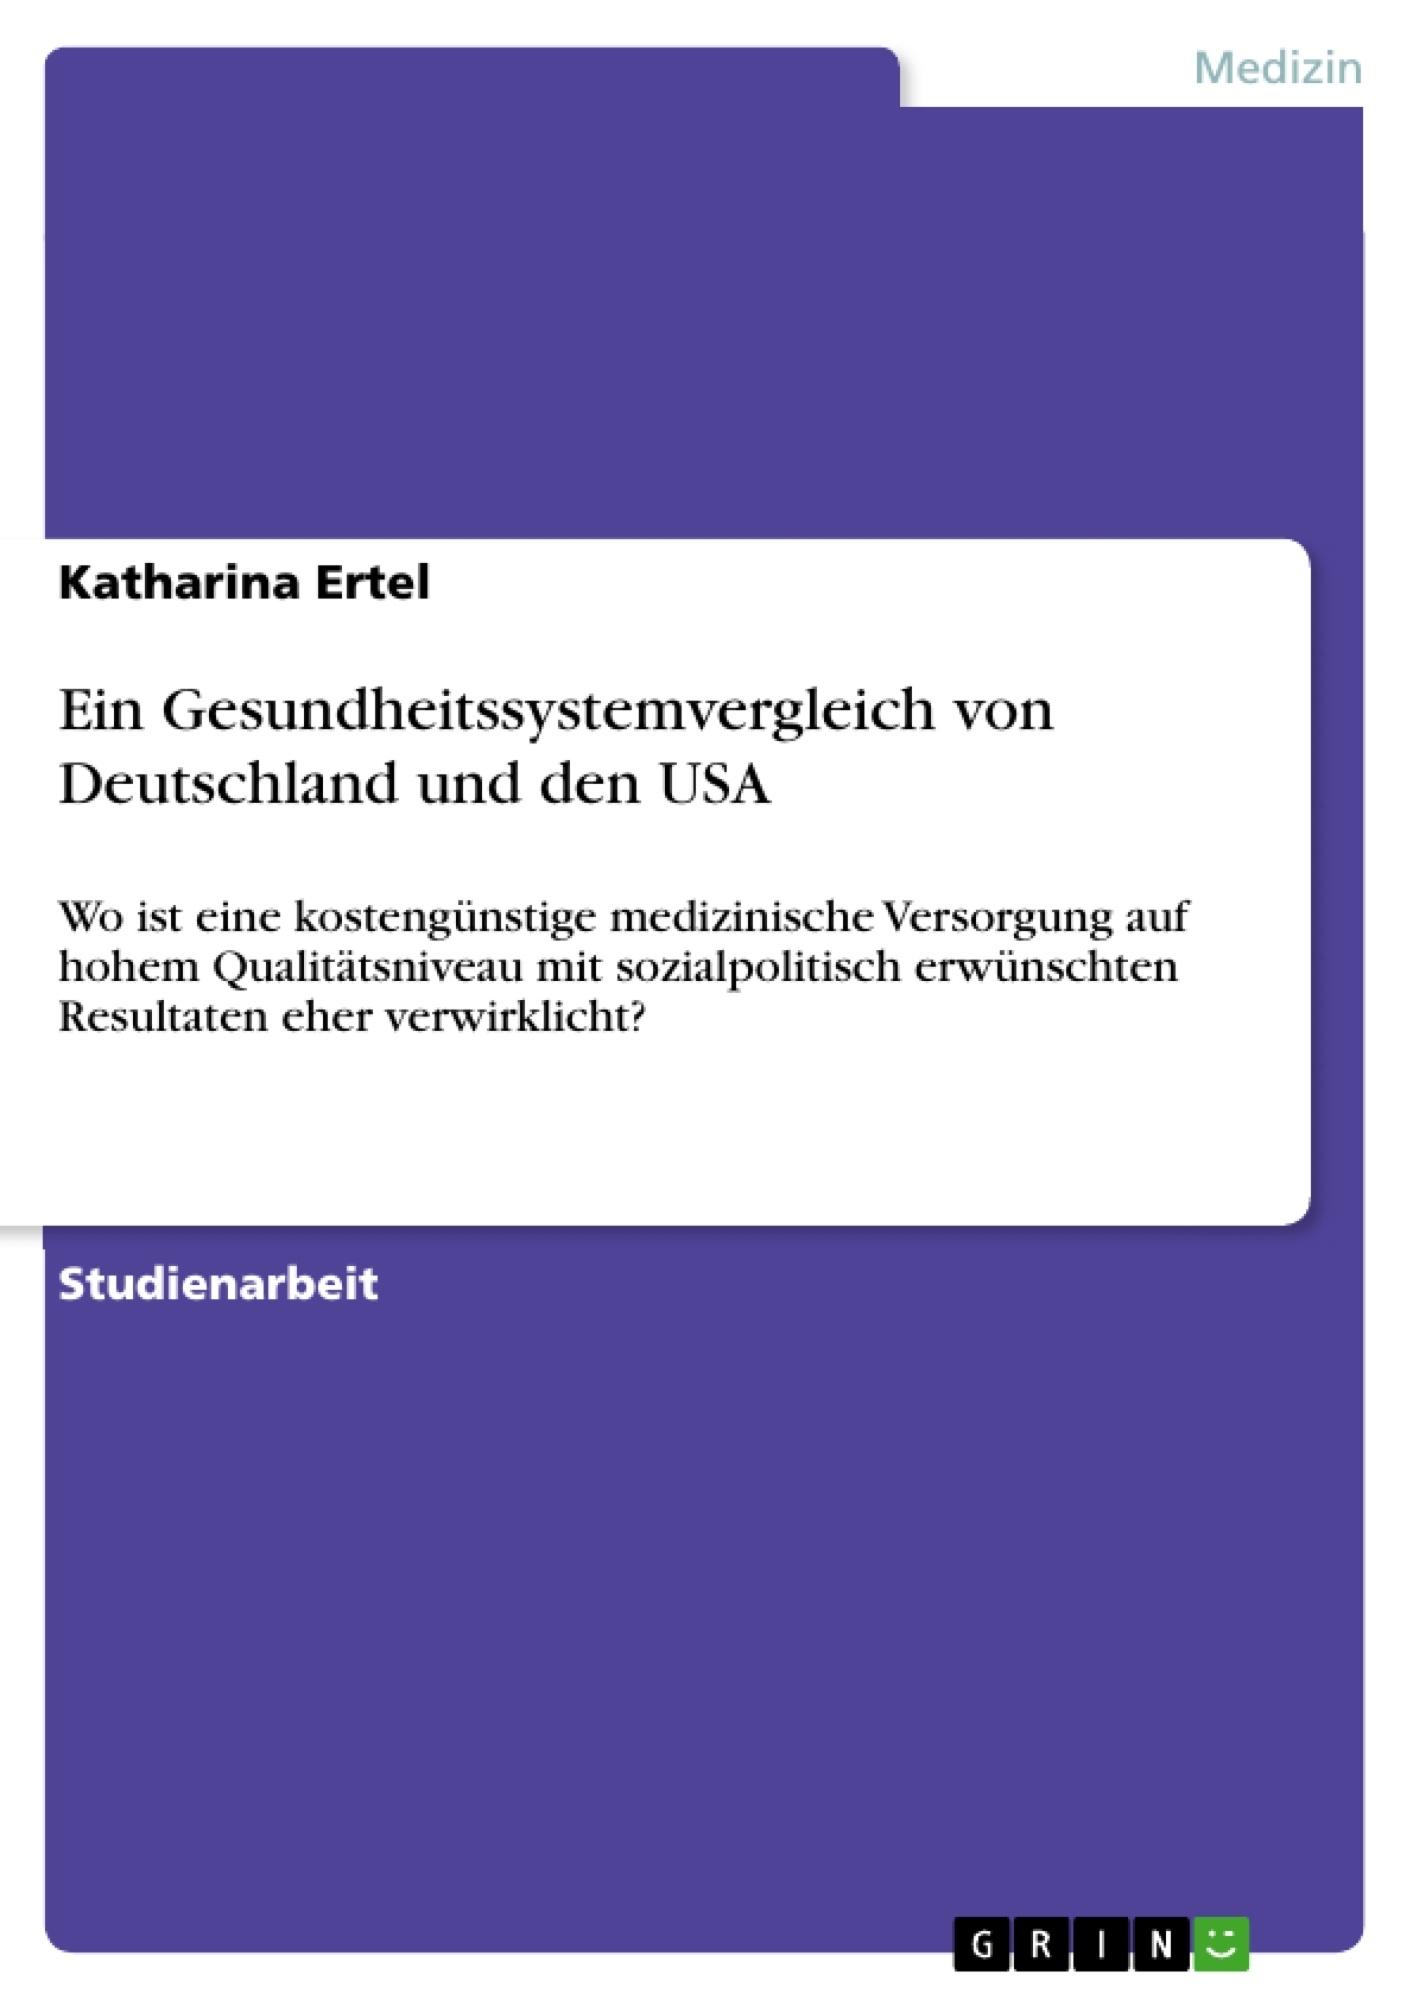 Titel: Ein Gesundheitssystemvergleich von Deutschland und den USA